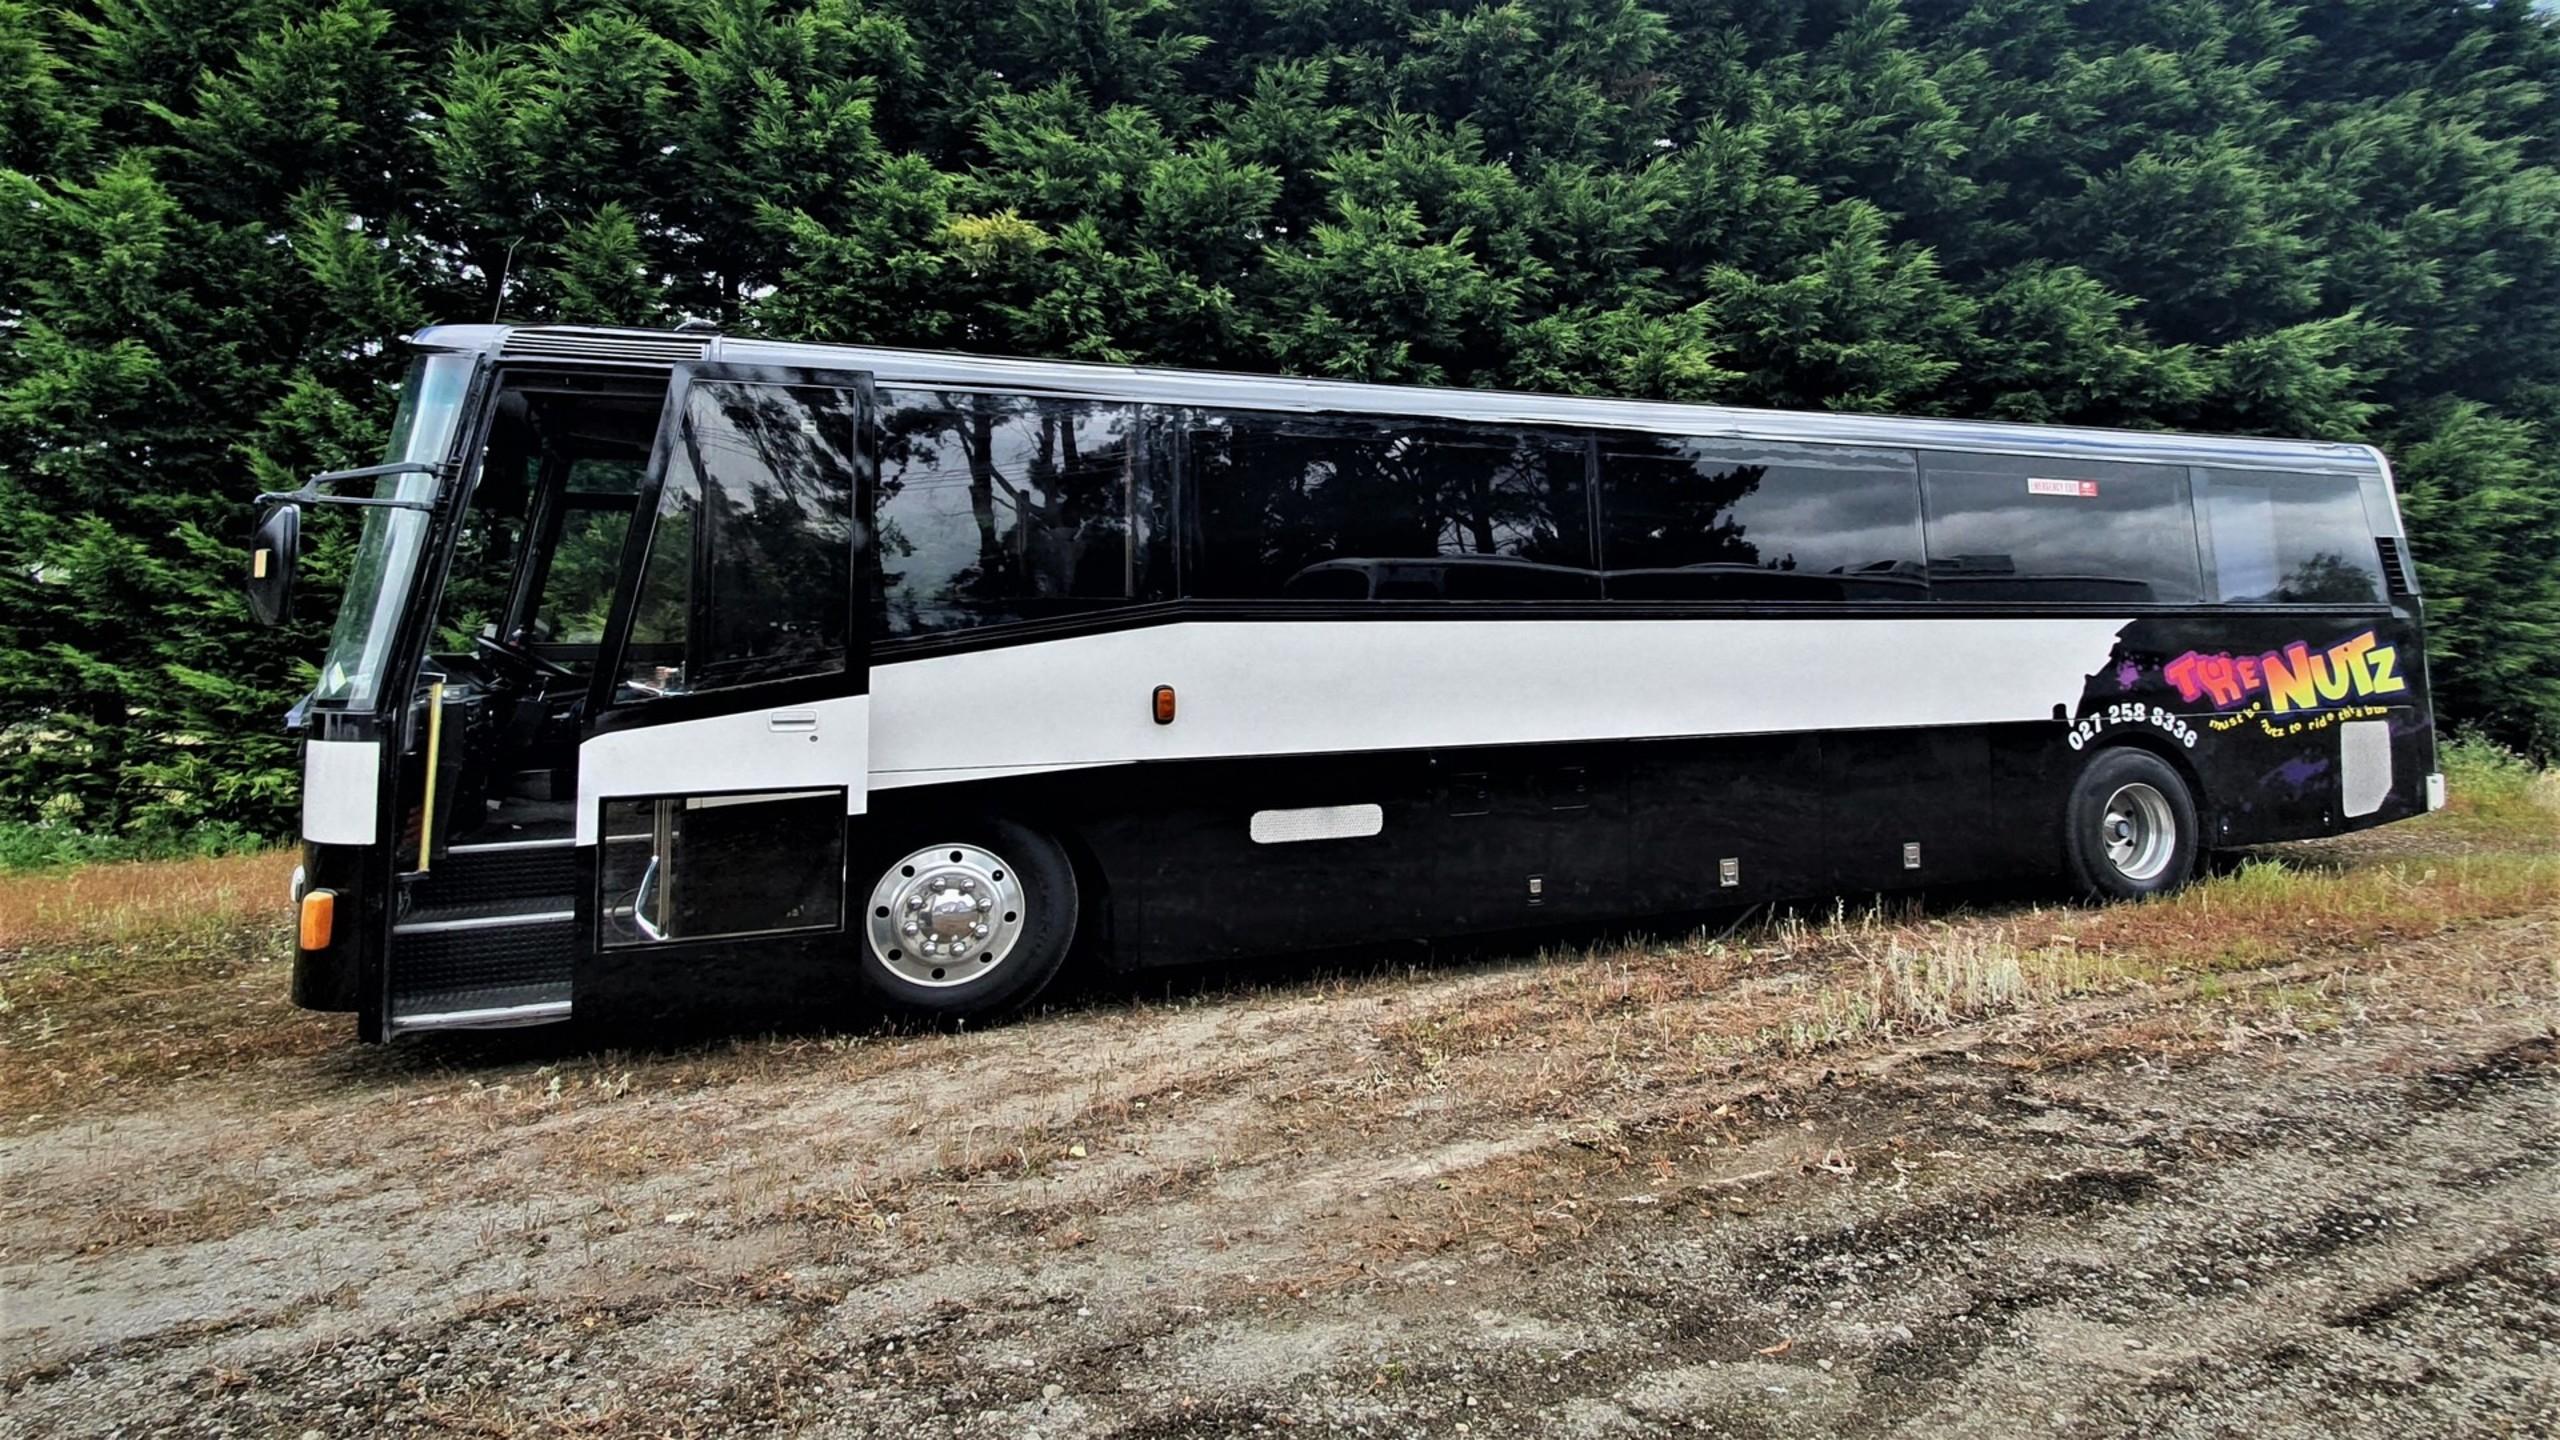 bus_2_1920x1080_1_2560x1440.jpg